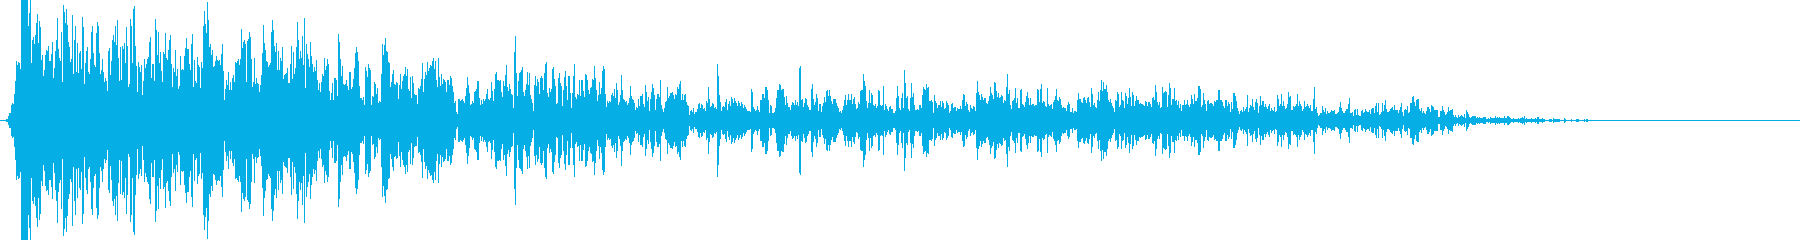 ヘビーロッククラッシュインパクトの再生済みの波形